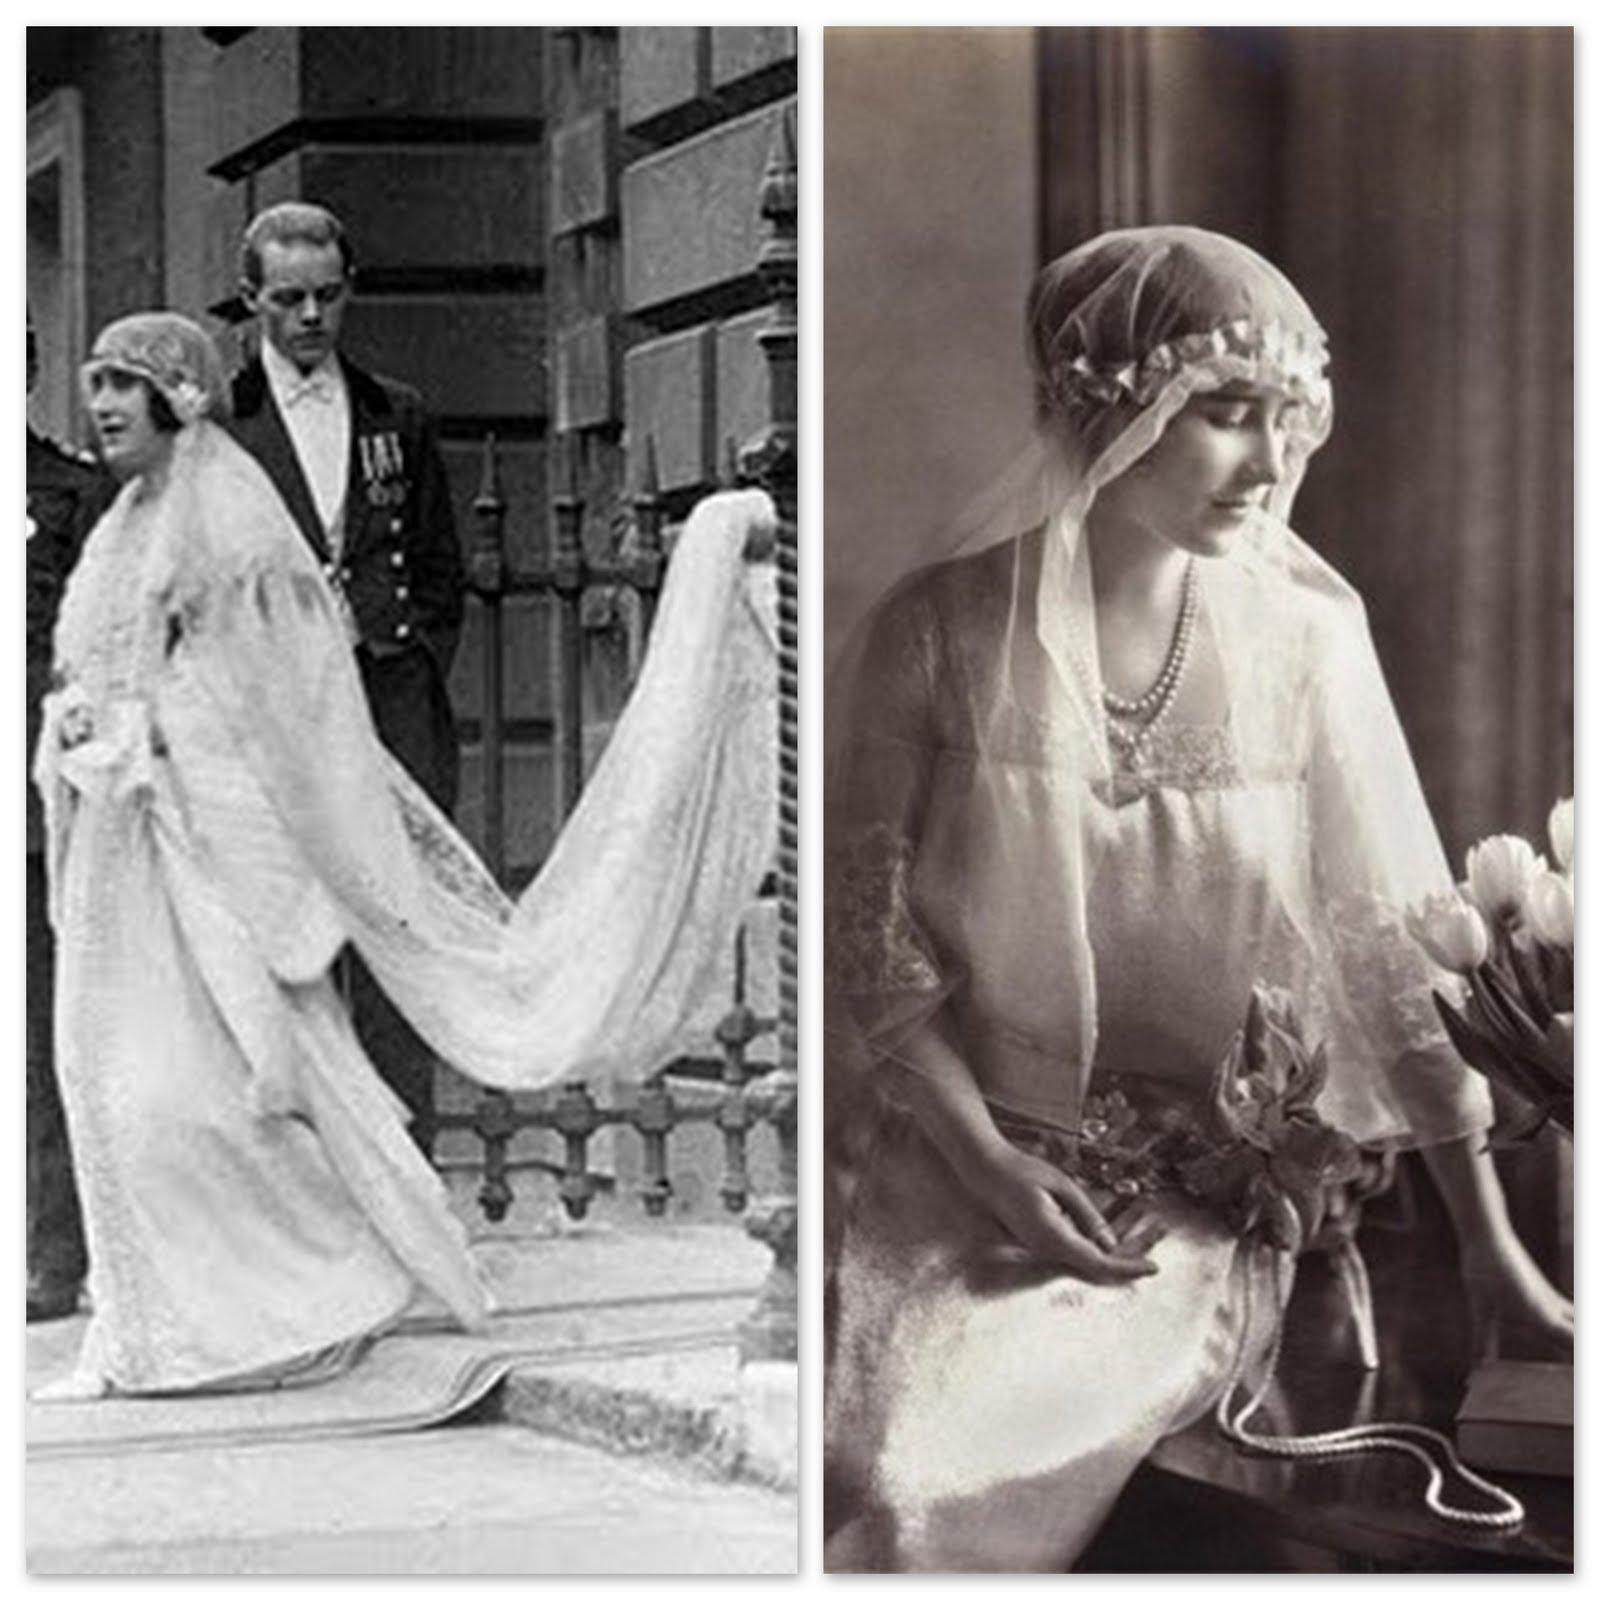 Queen Elizabeth Wedding Gown: Figure8studio: The Royal Wedding